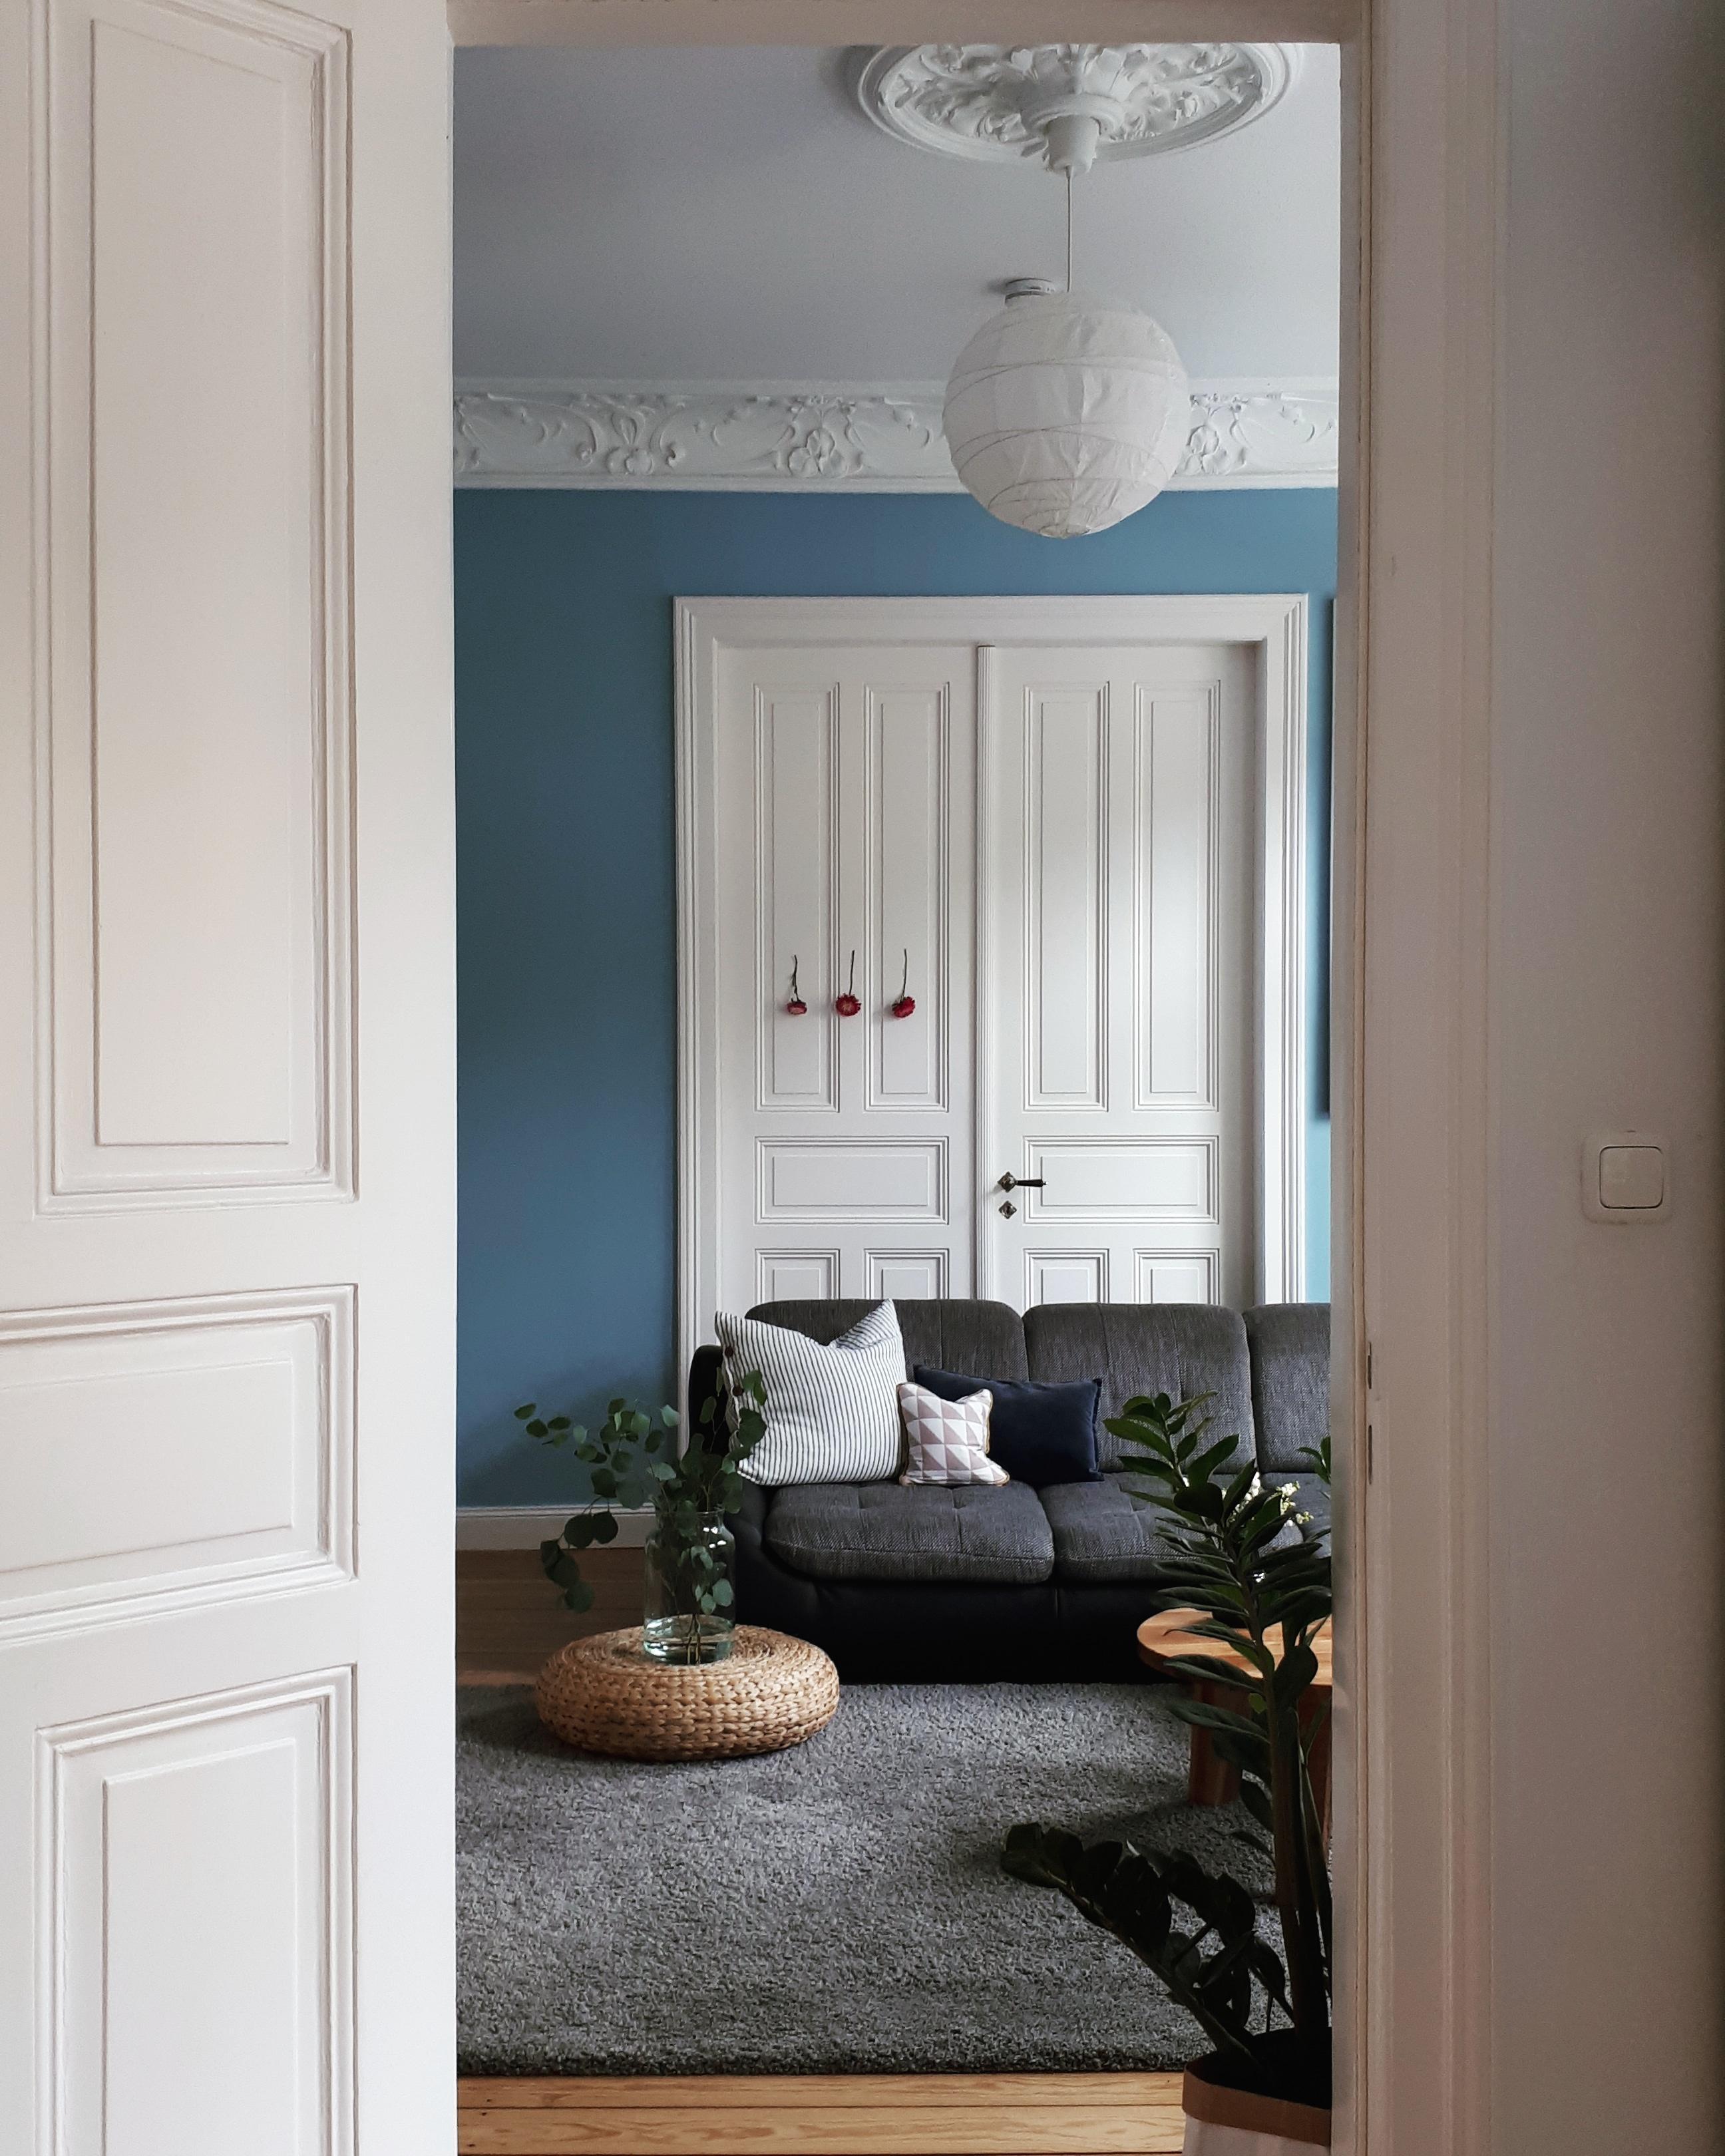 Durchblick Wohnzimmer Altbau Tür Stuck Scandin